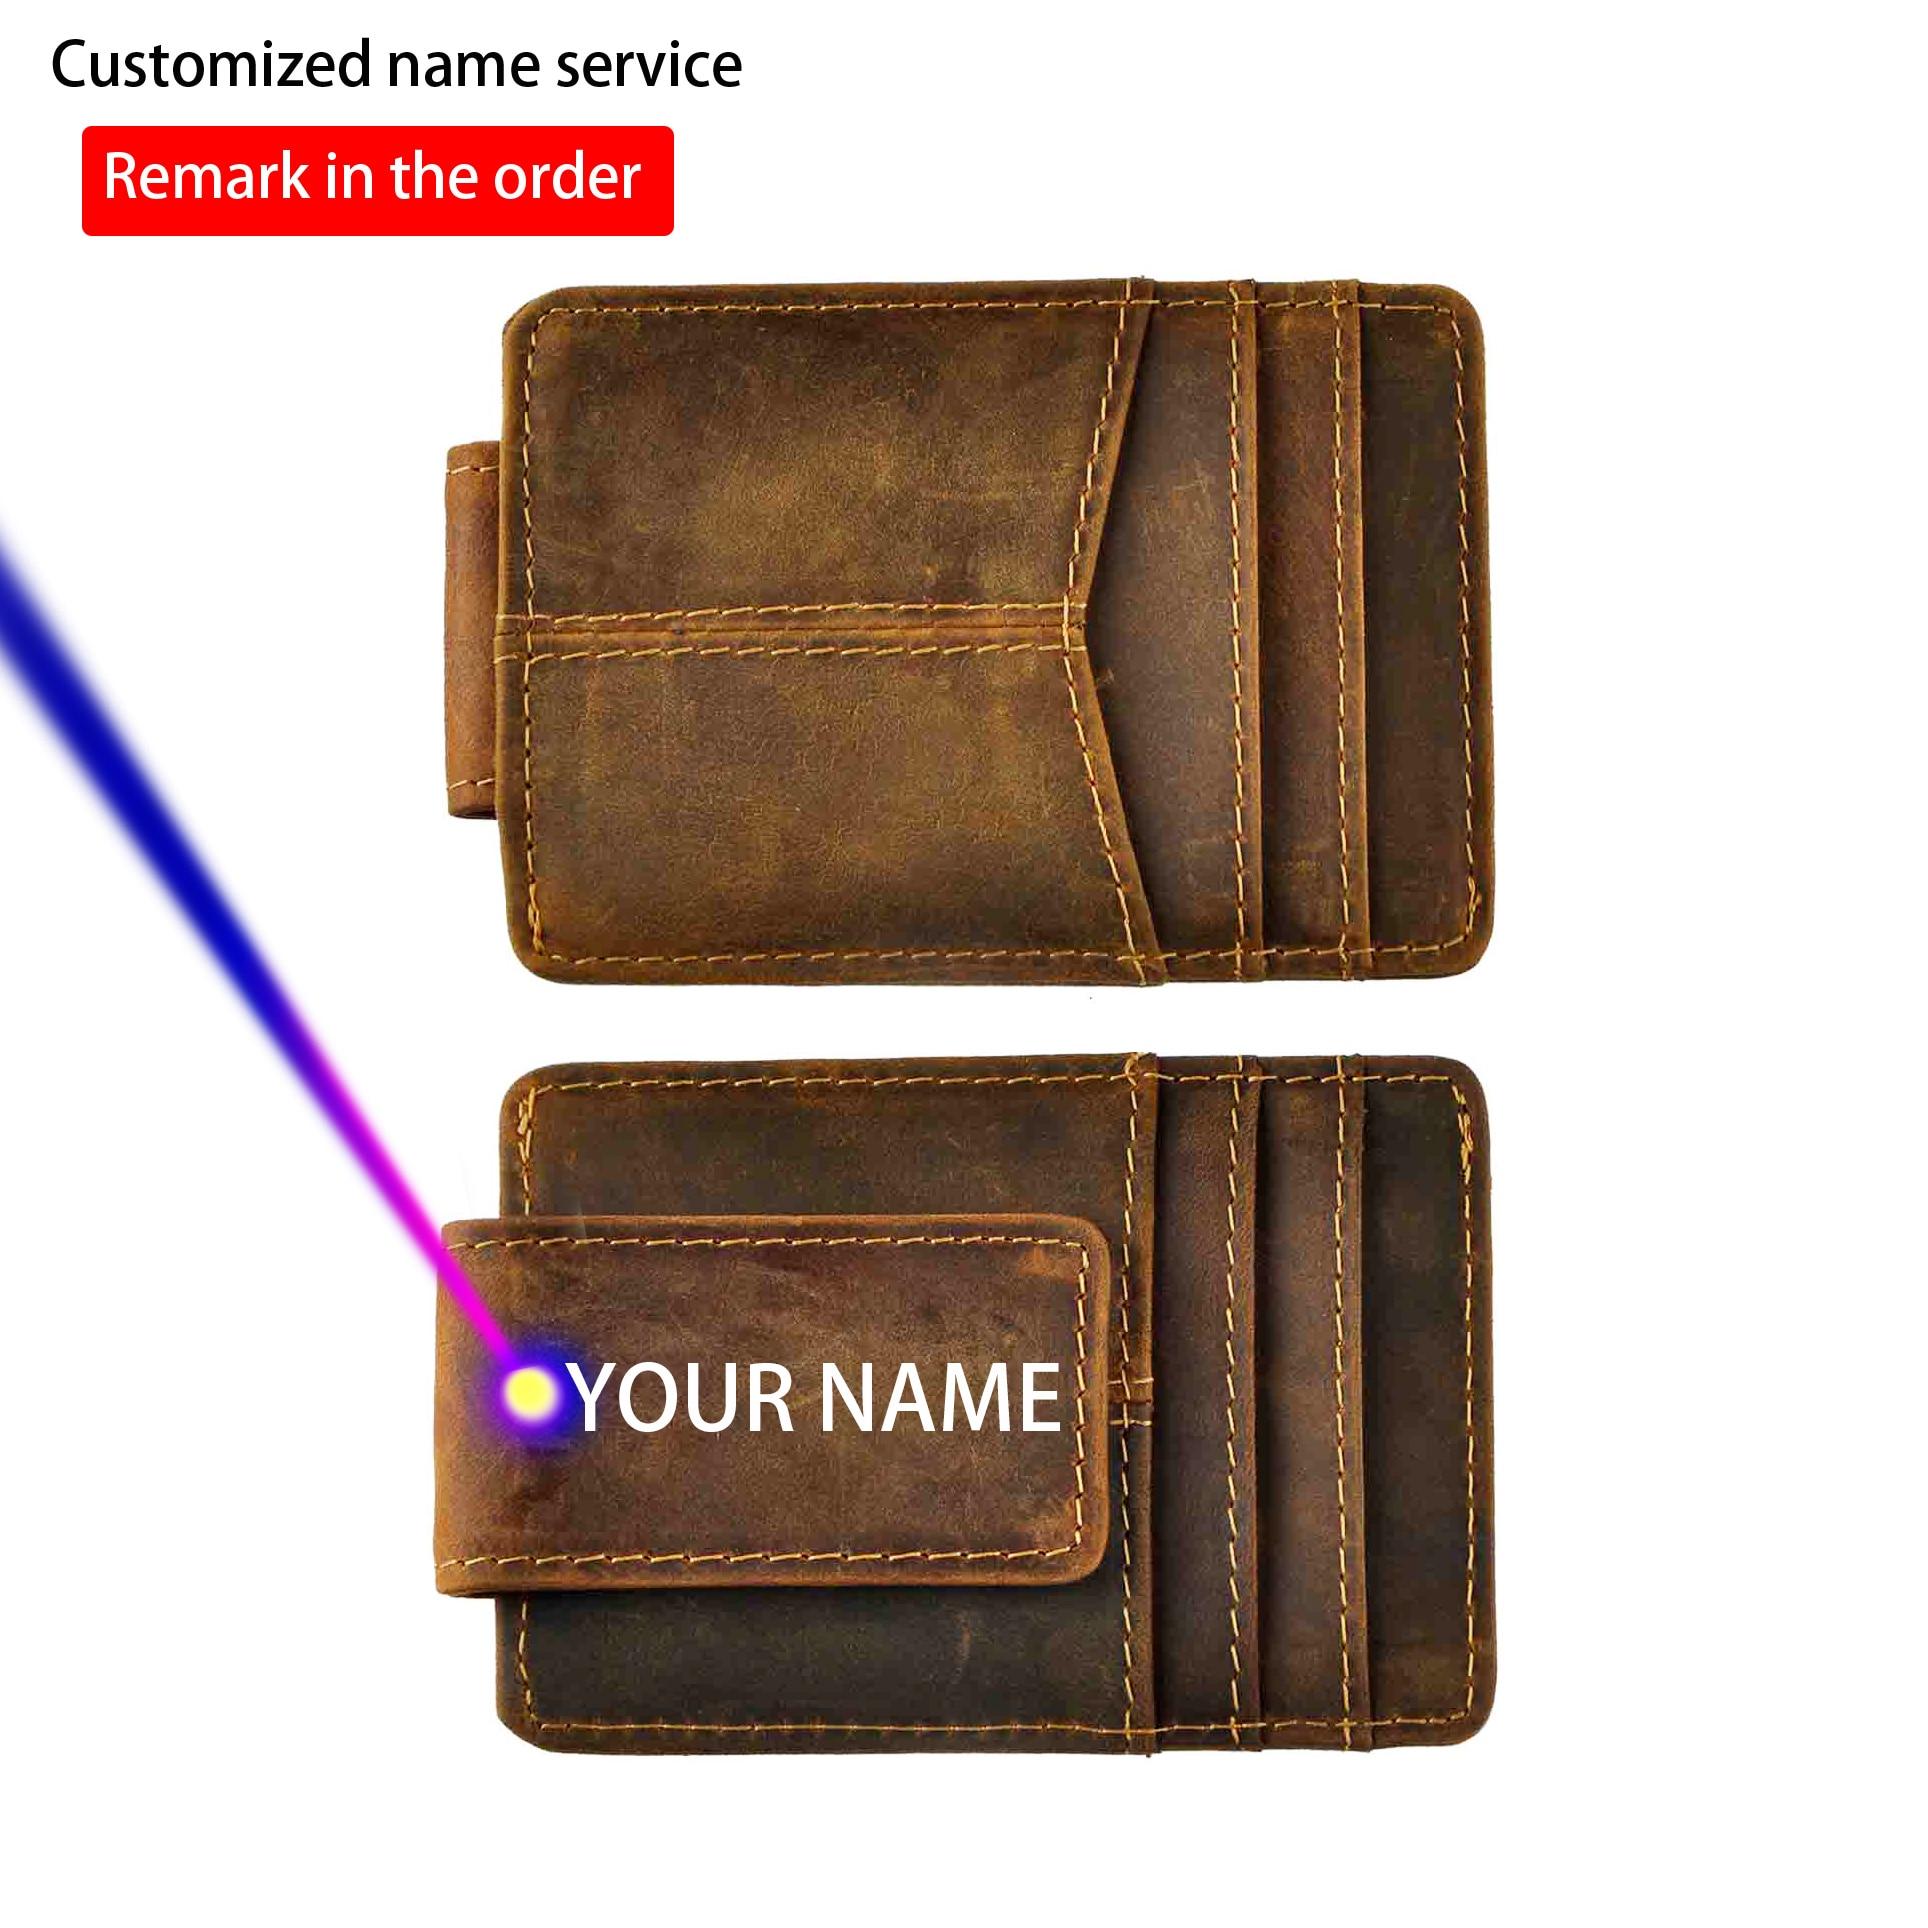 Gado masculino couro real cartão de crédito dinheiro bill titular ímã clipe de dinheiro fino mini acessível carteira frente bolso bolsa para homem 1017-d